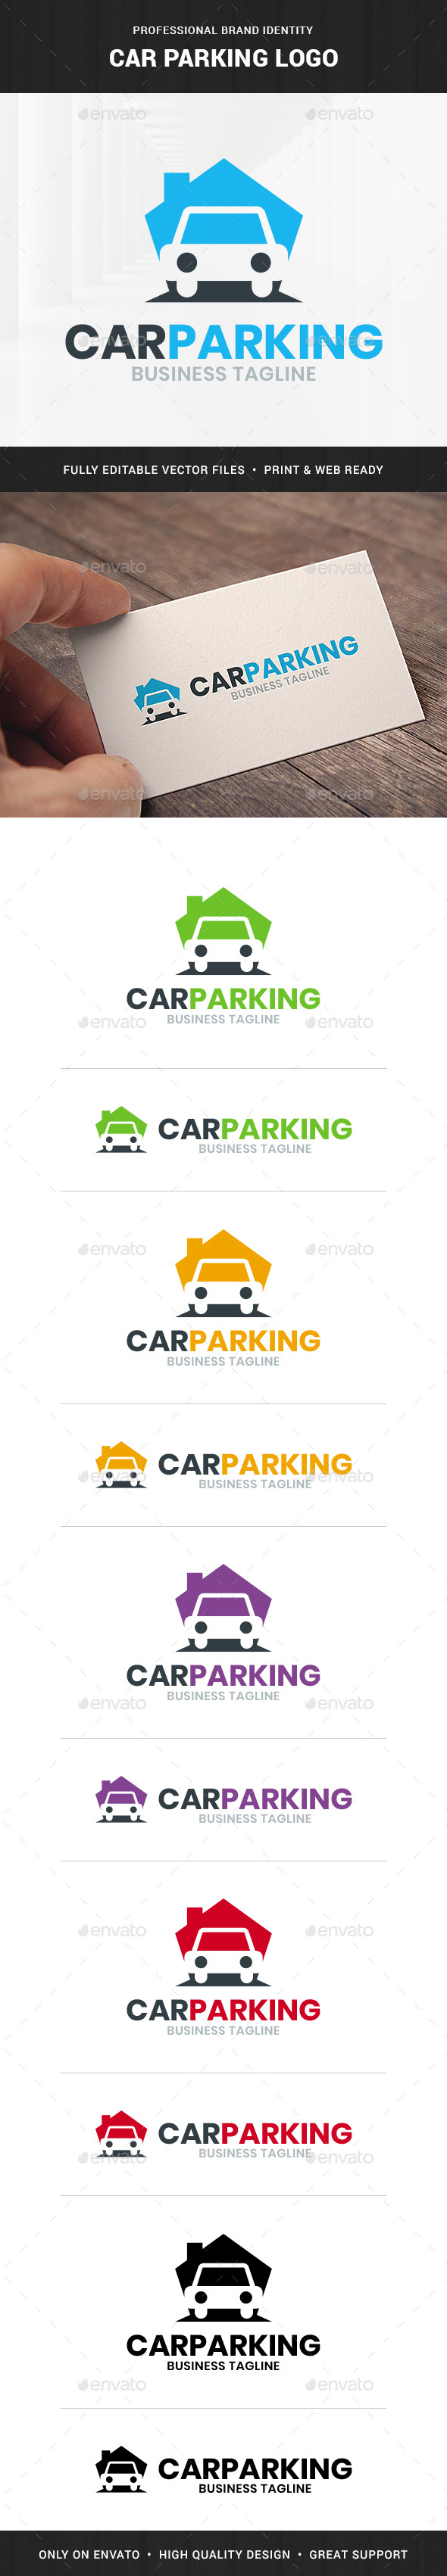 Car Parking Logo Template